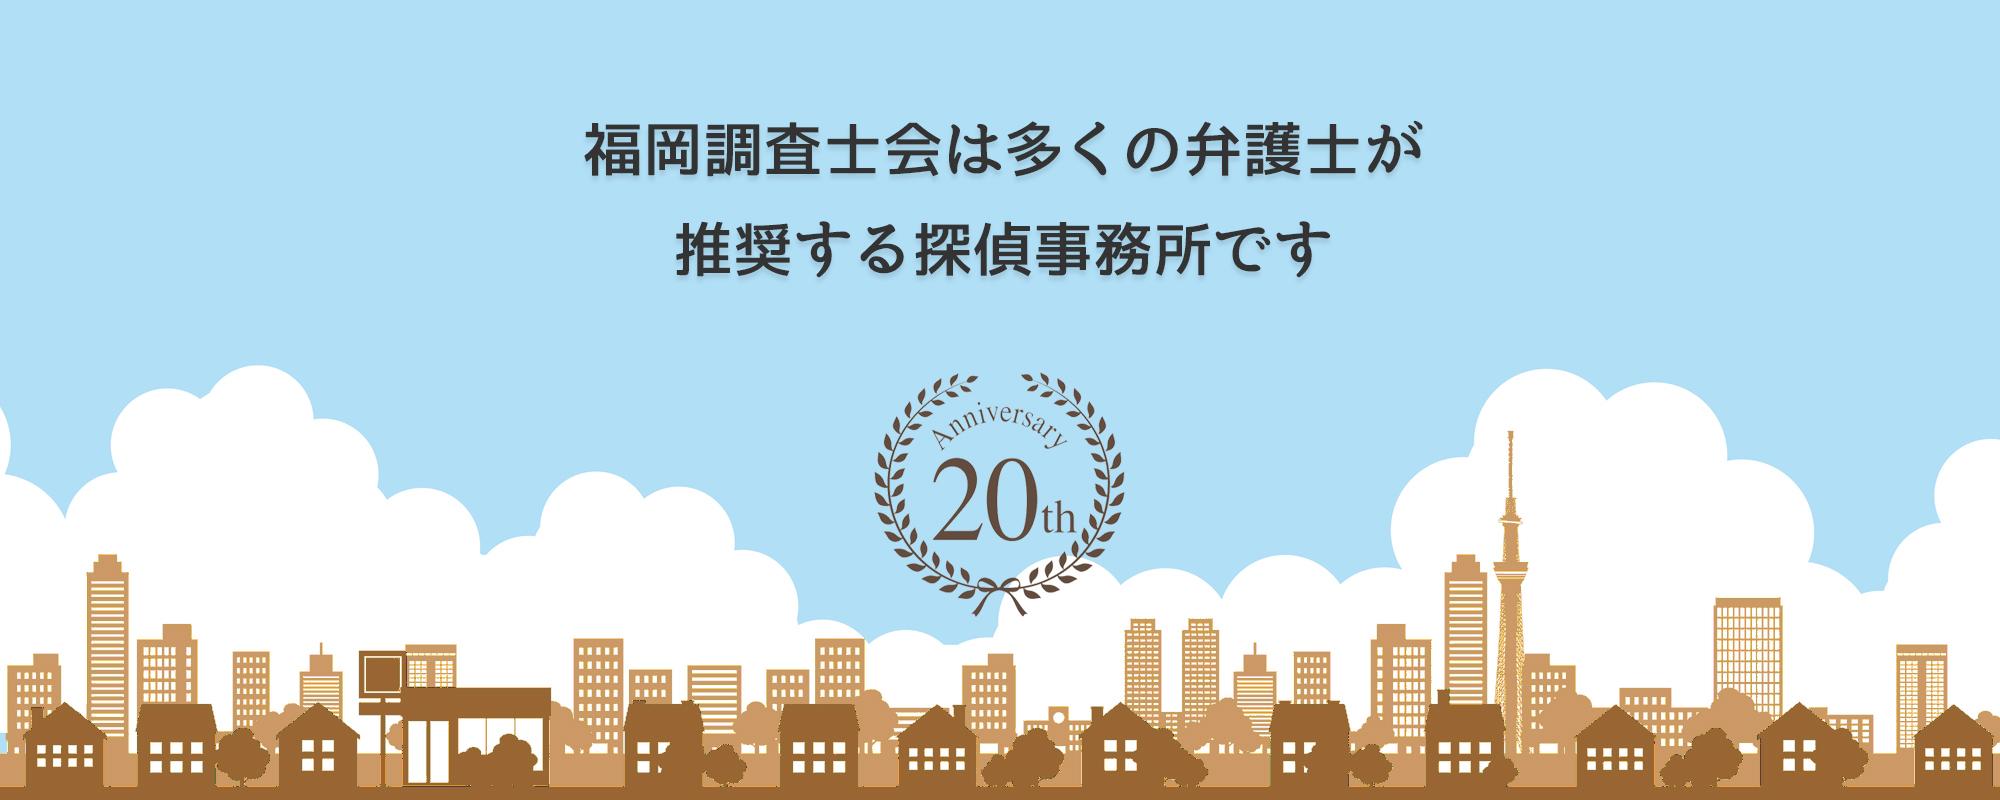 福岡相談室は多くの弁護士事務所に推奨されています。